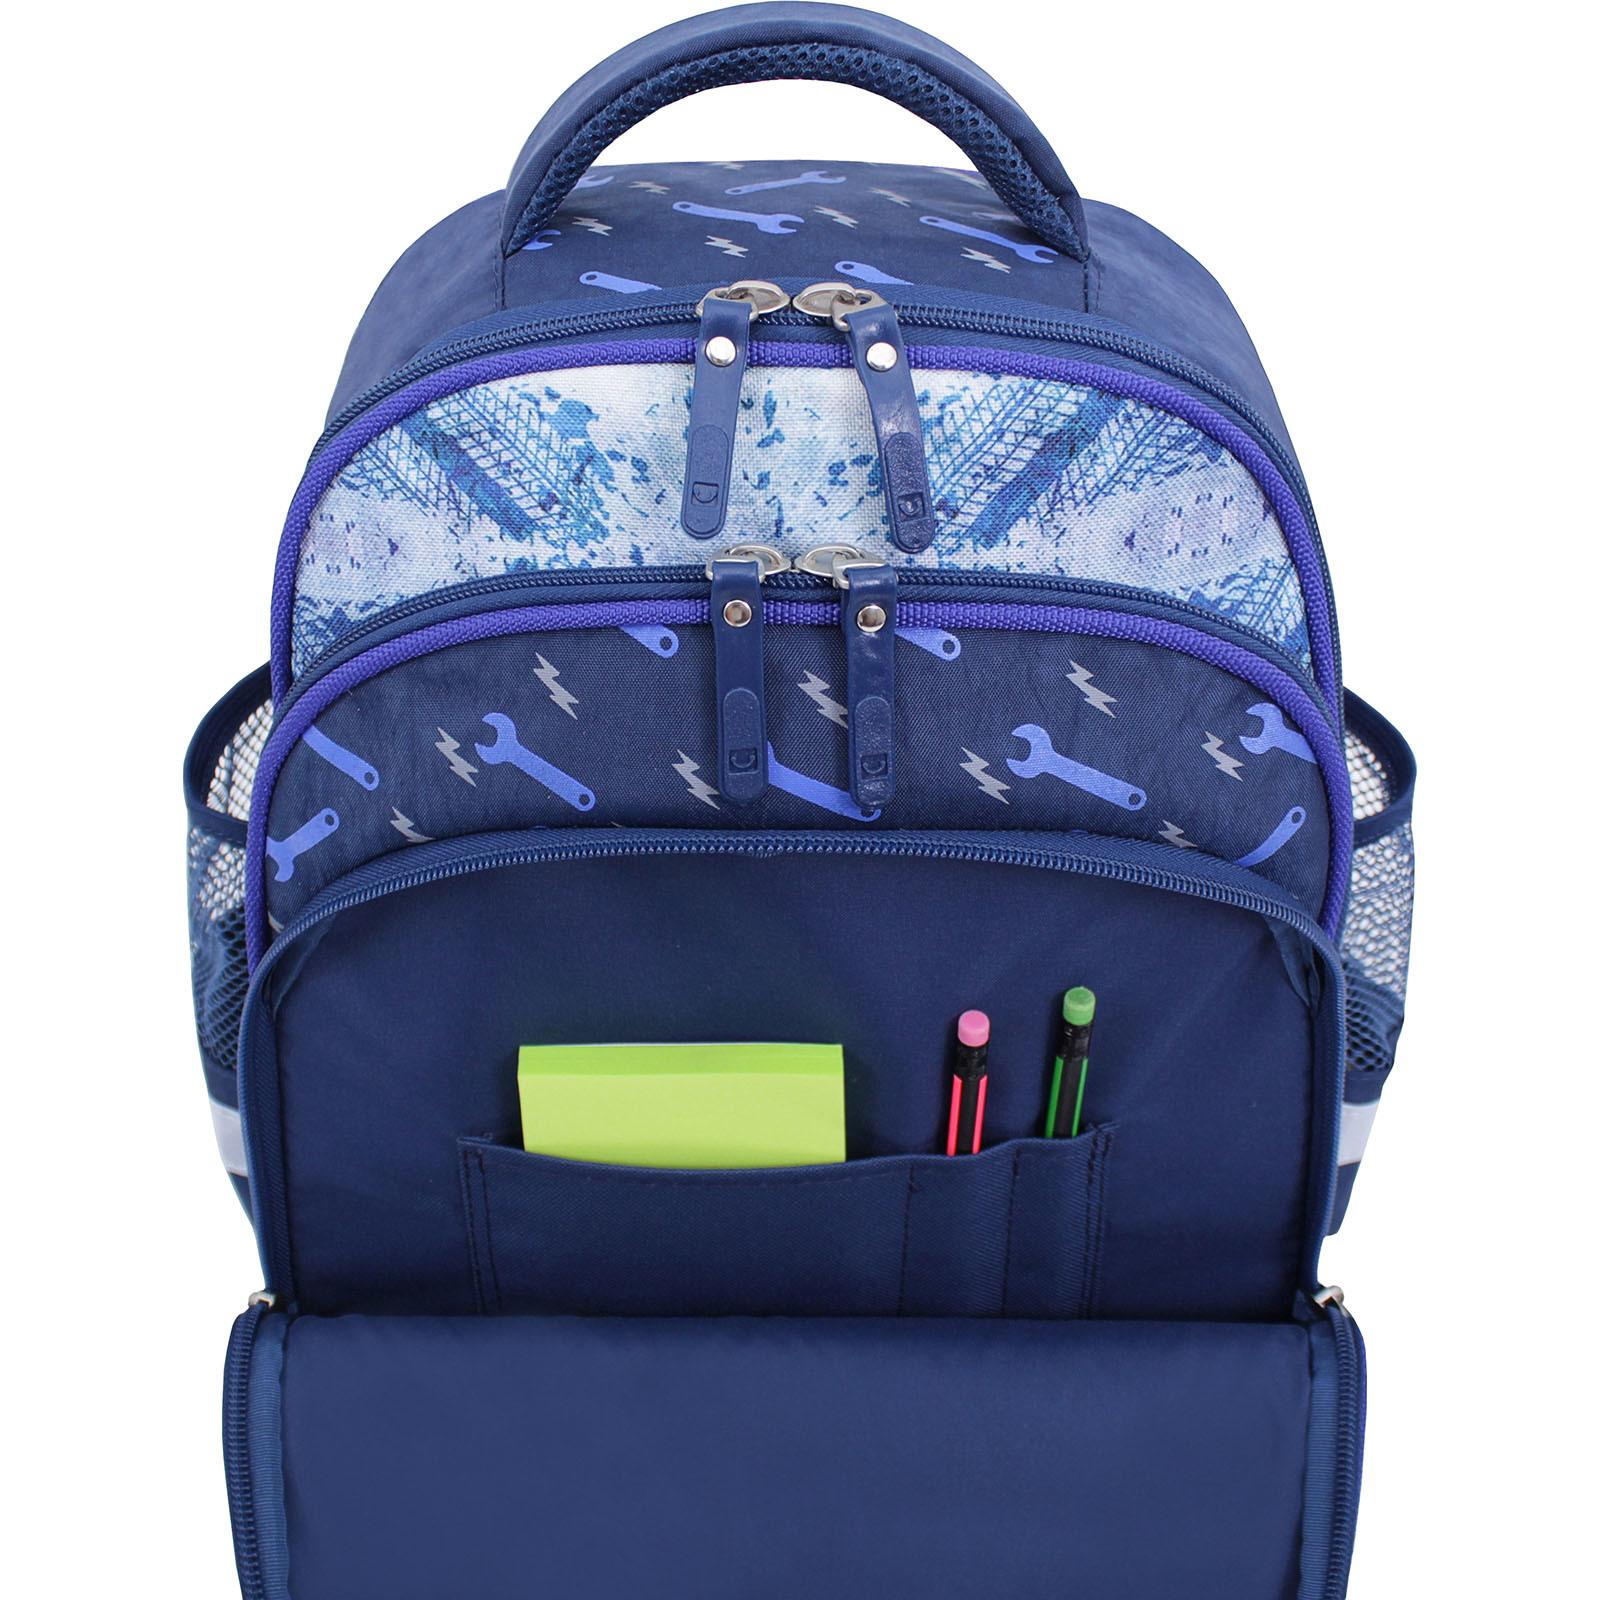 Рюкзак школьный Bagland Mouse 225 синий 534 (0051370) фото 4